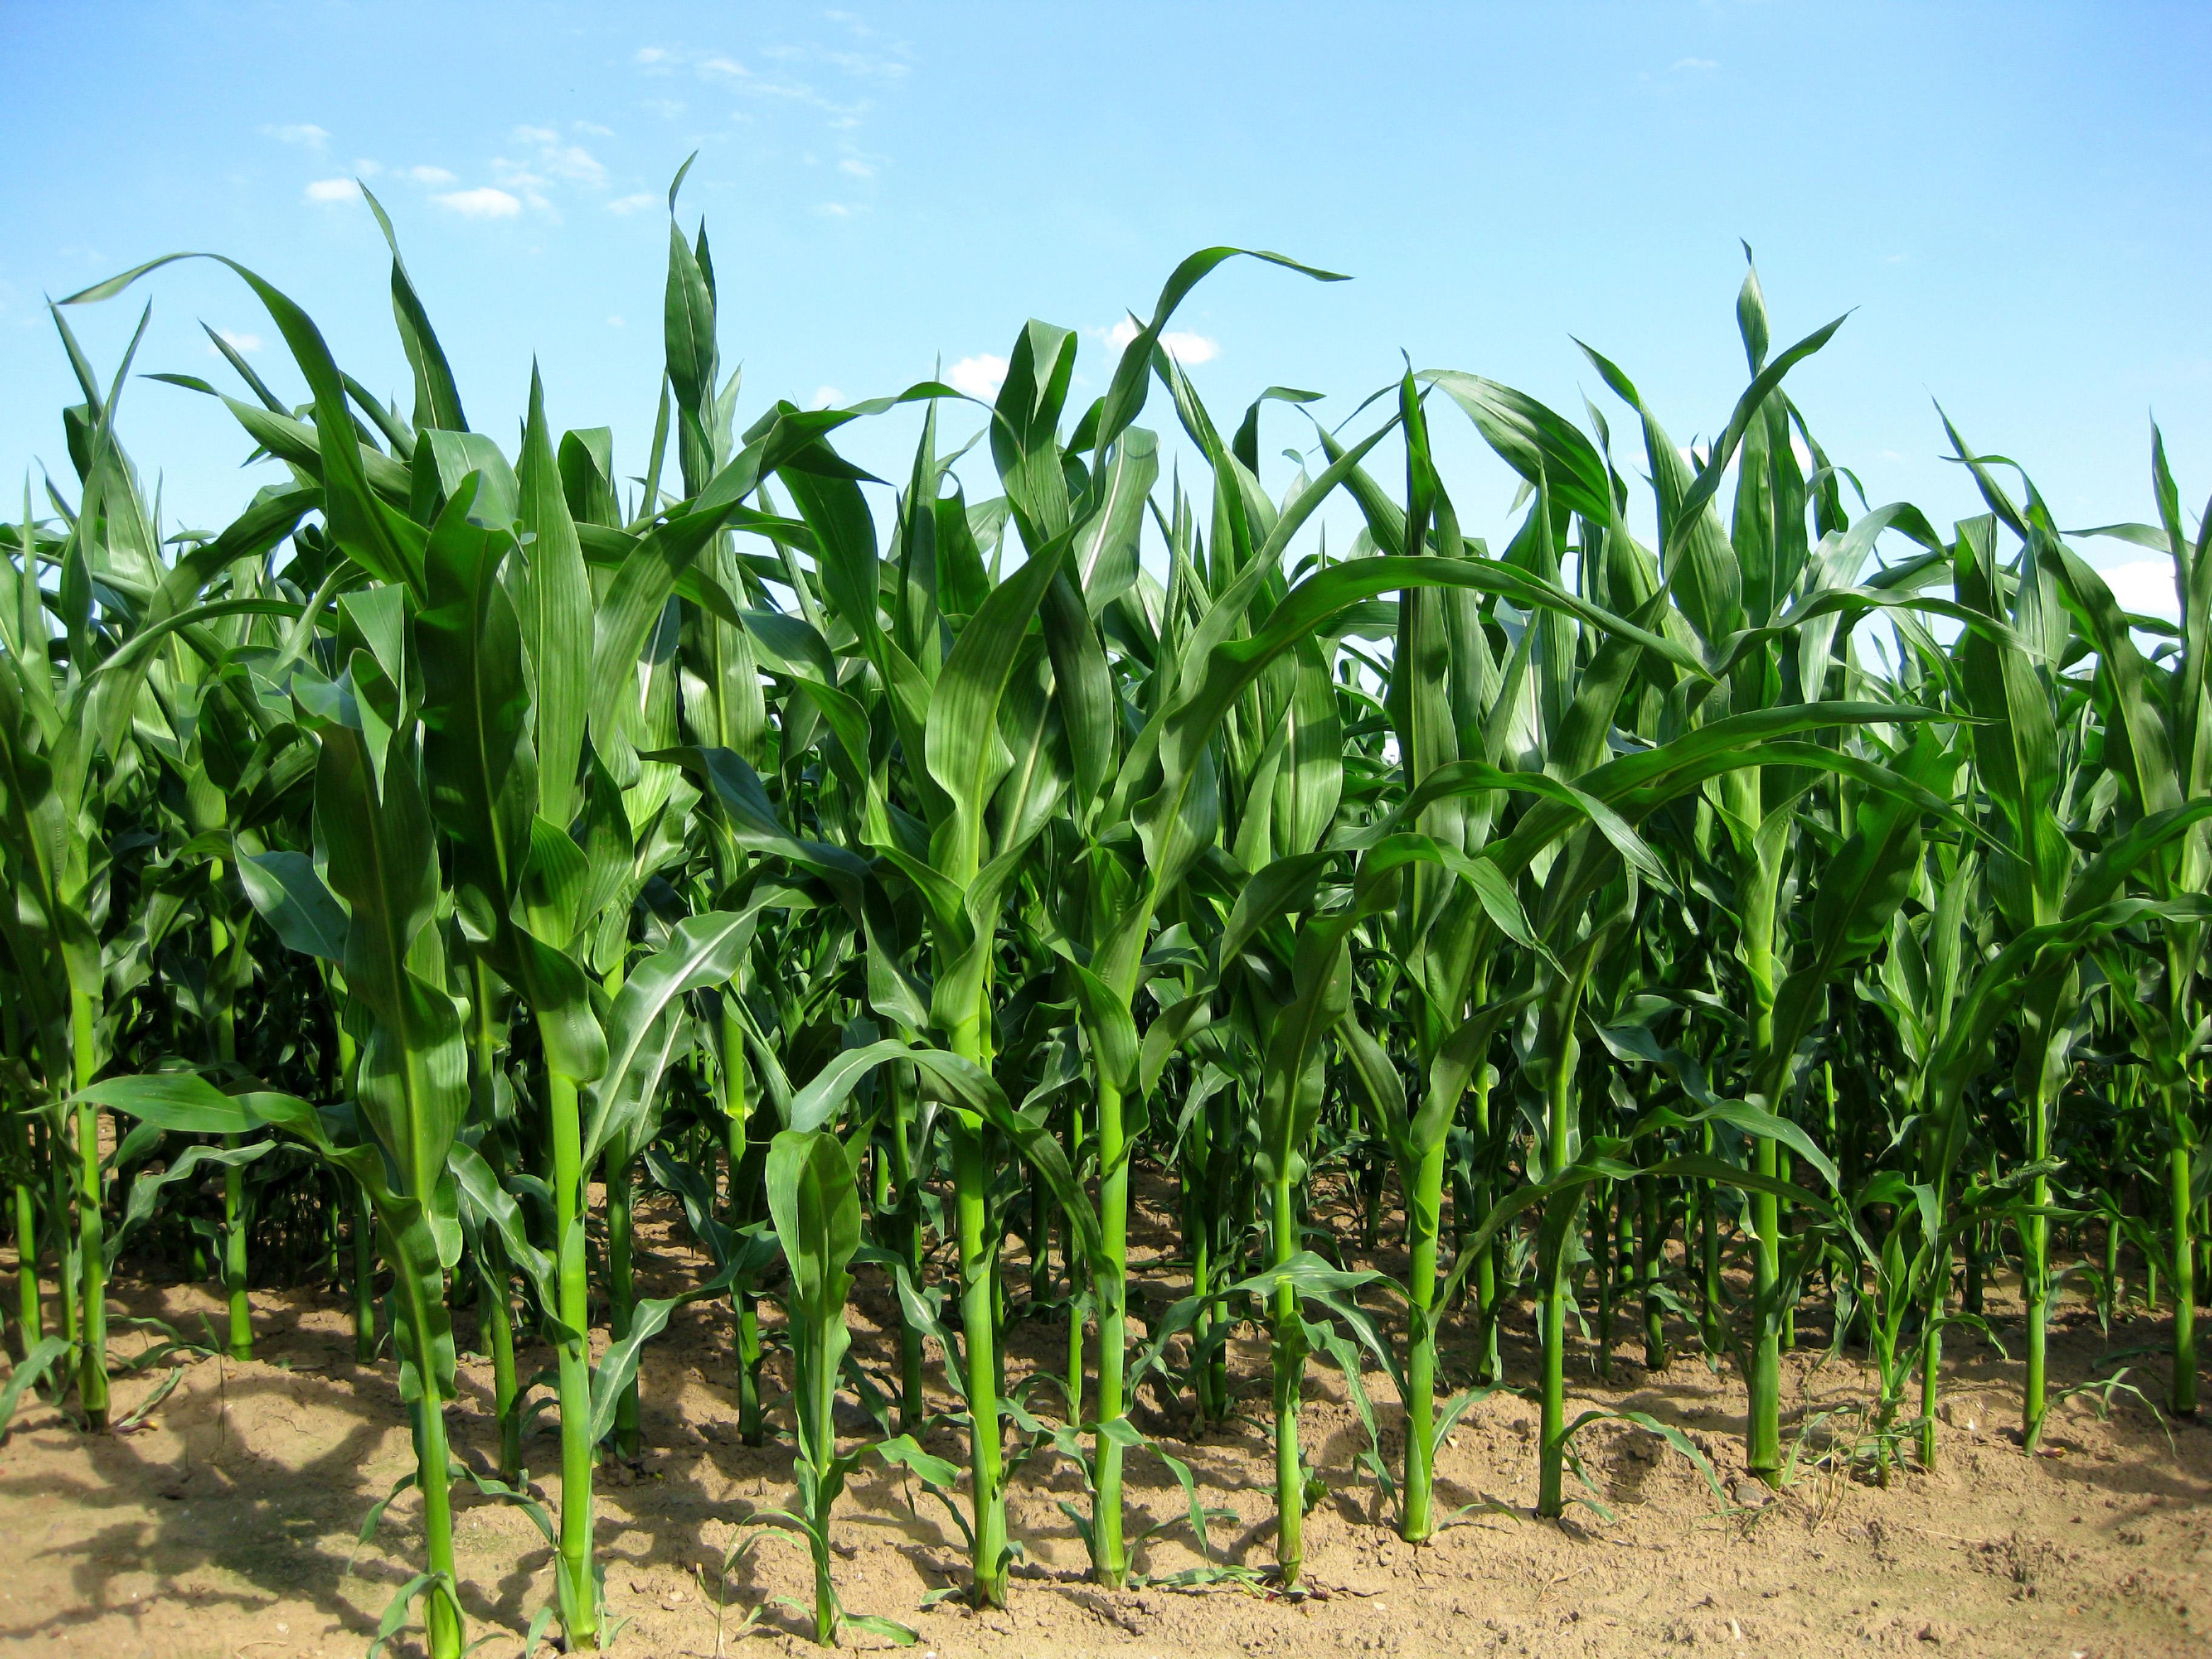 Ceny zbóż w Polsce na tle innych krajów UE. Polska kukurydza poniżej unijnej średniej